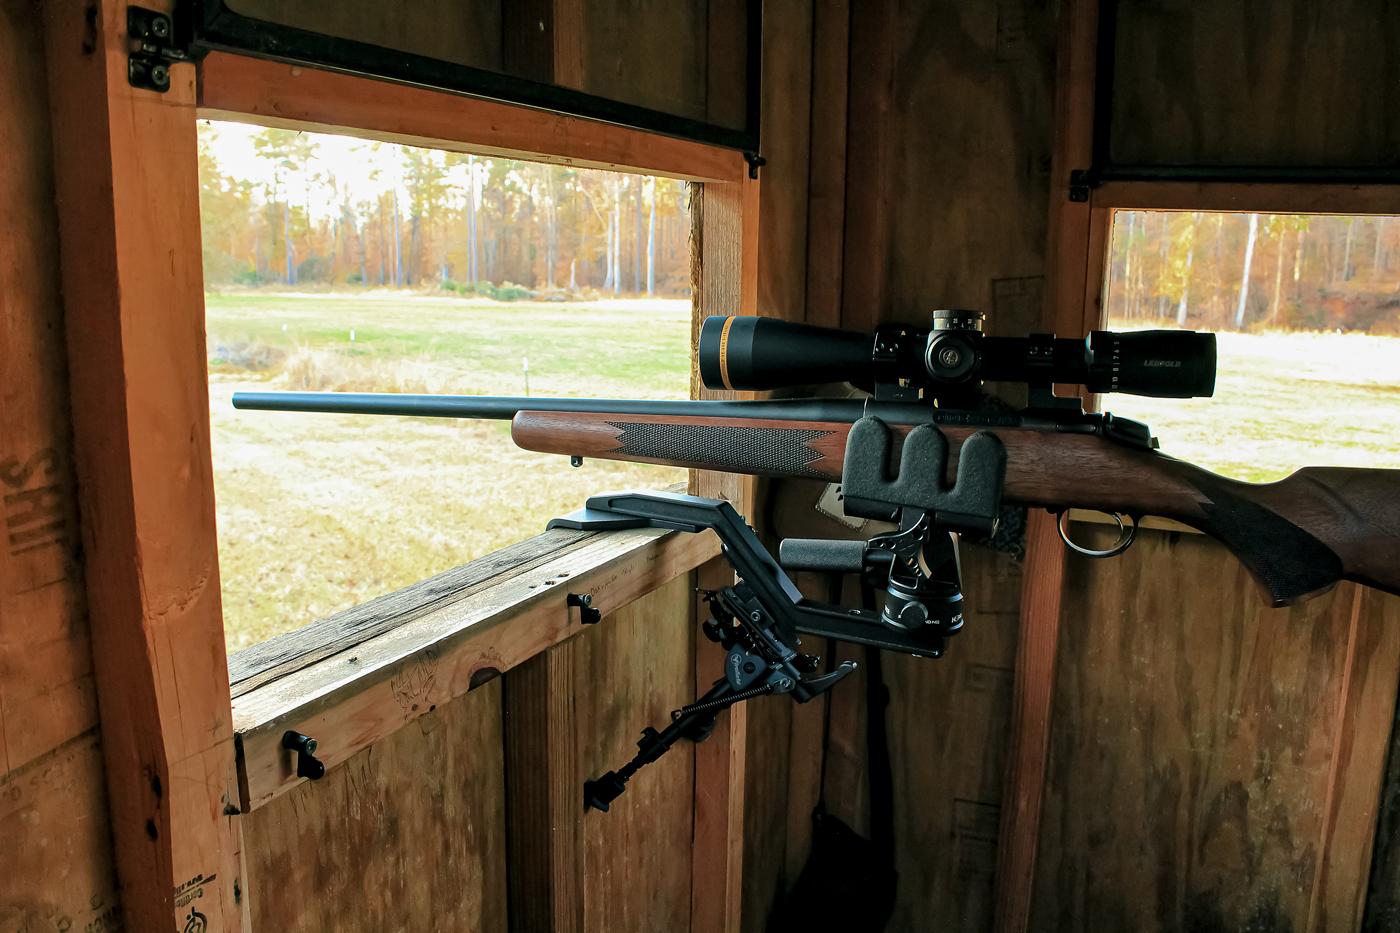 KOPFJ-GER-Ambush-Shooting-Rest-Kit-KJ85005K